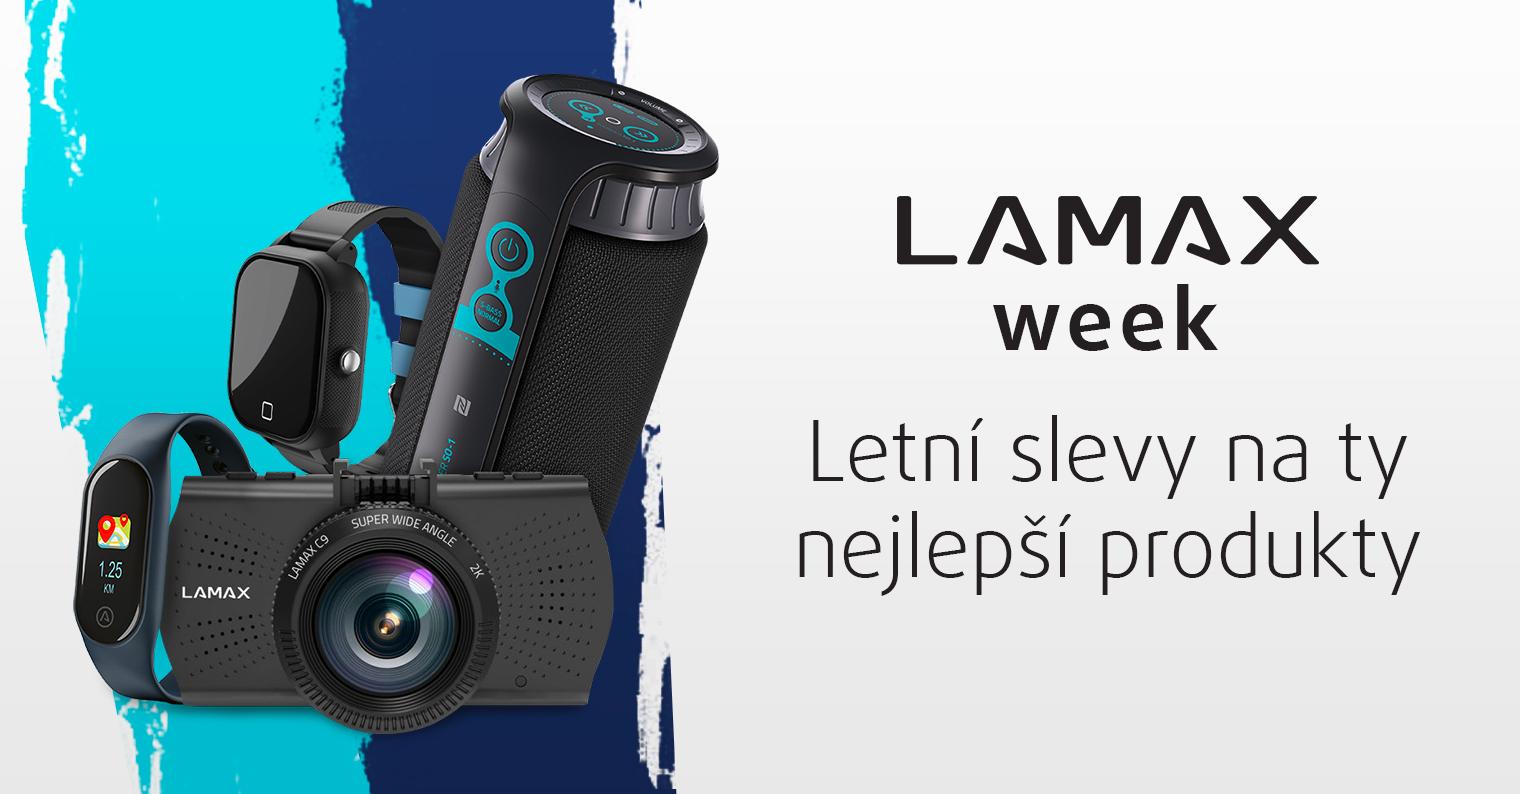 Lamax týden plný letních slev! [sponzorovaný článek]